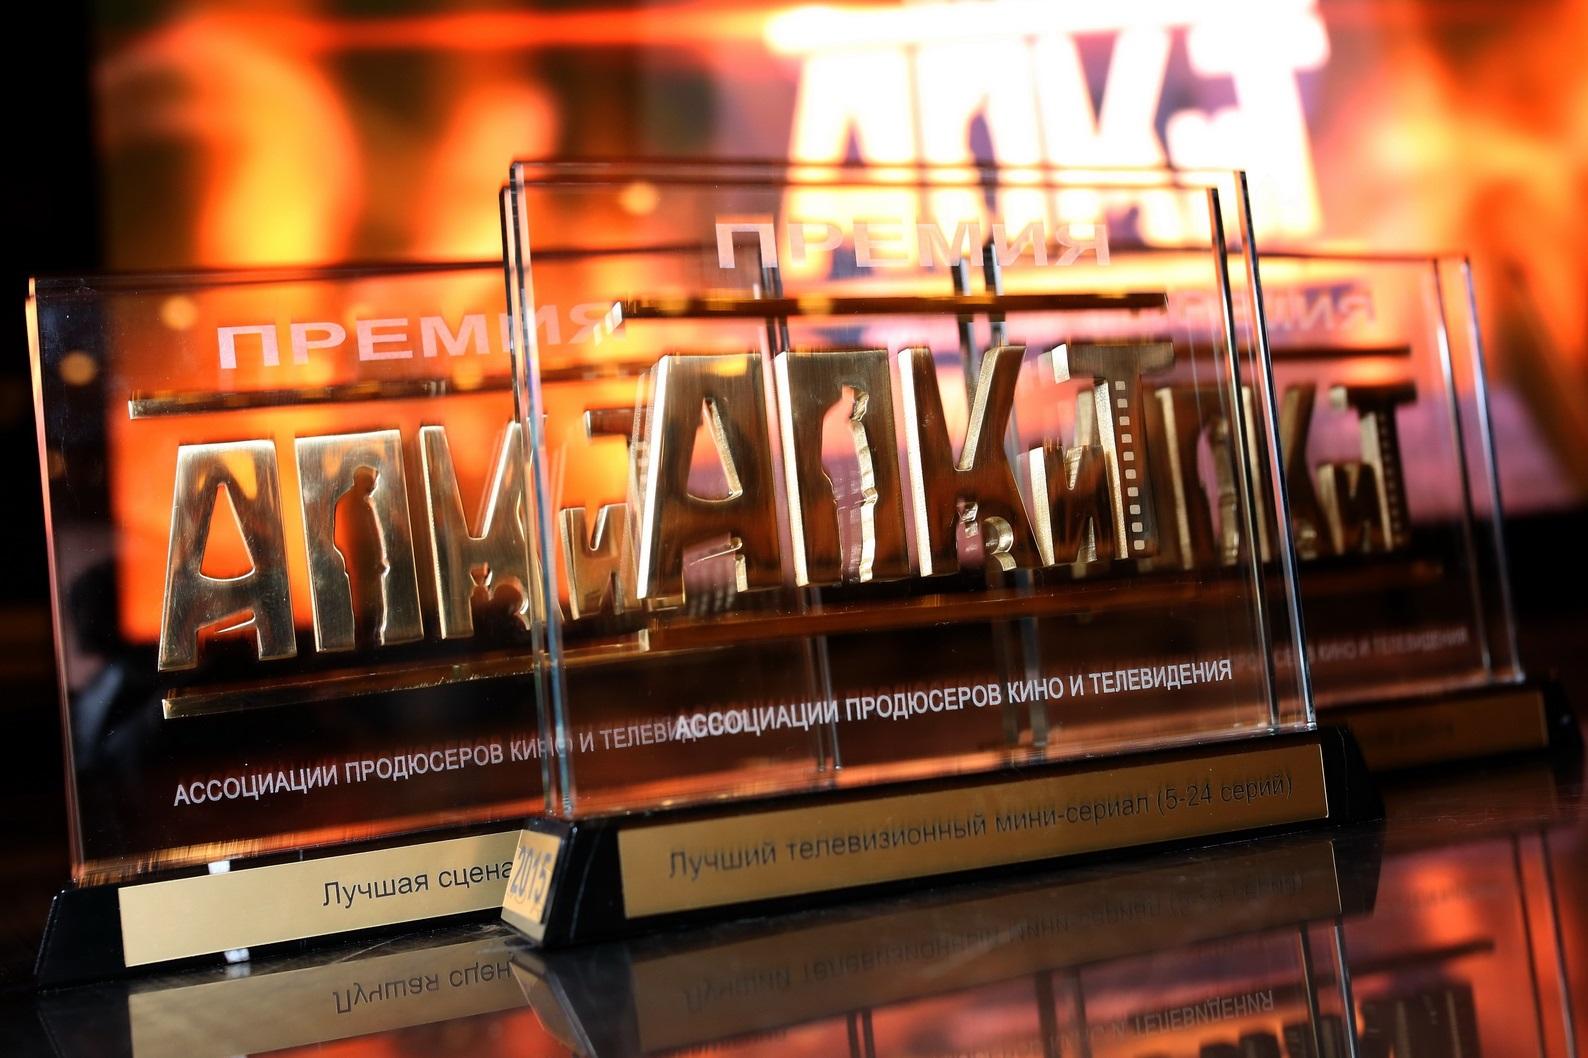 Премию Ассоциации продюсеров кино и телевидения вручат 31 мая в онлайн-формате